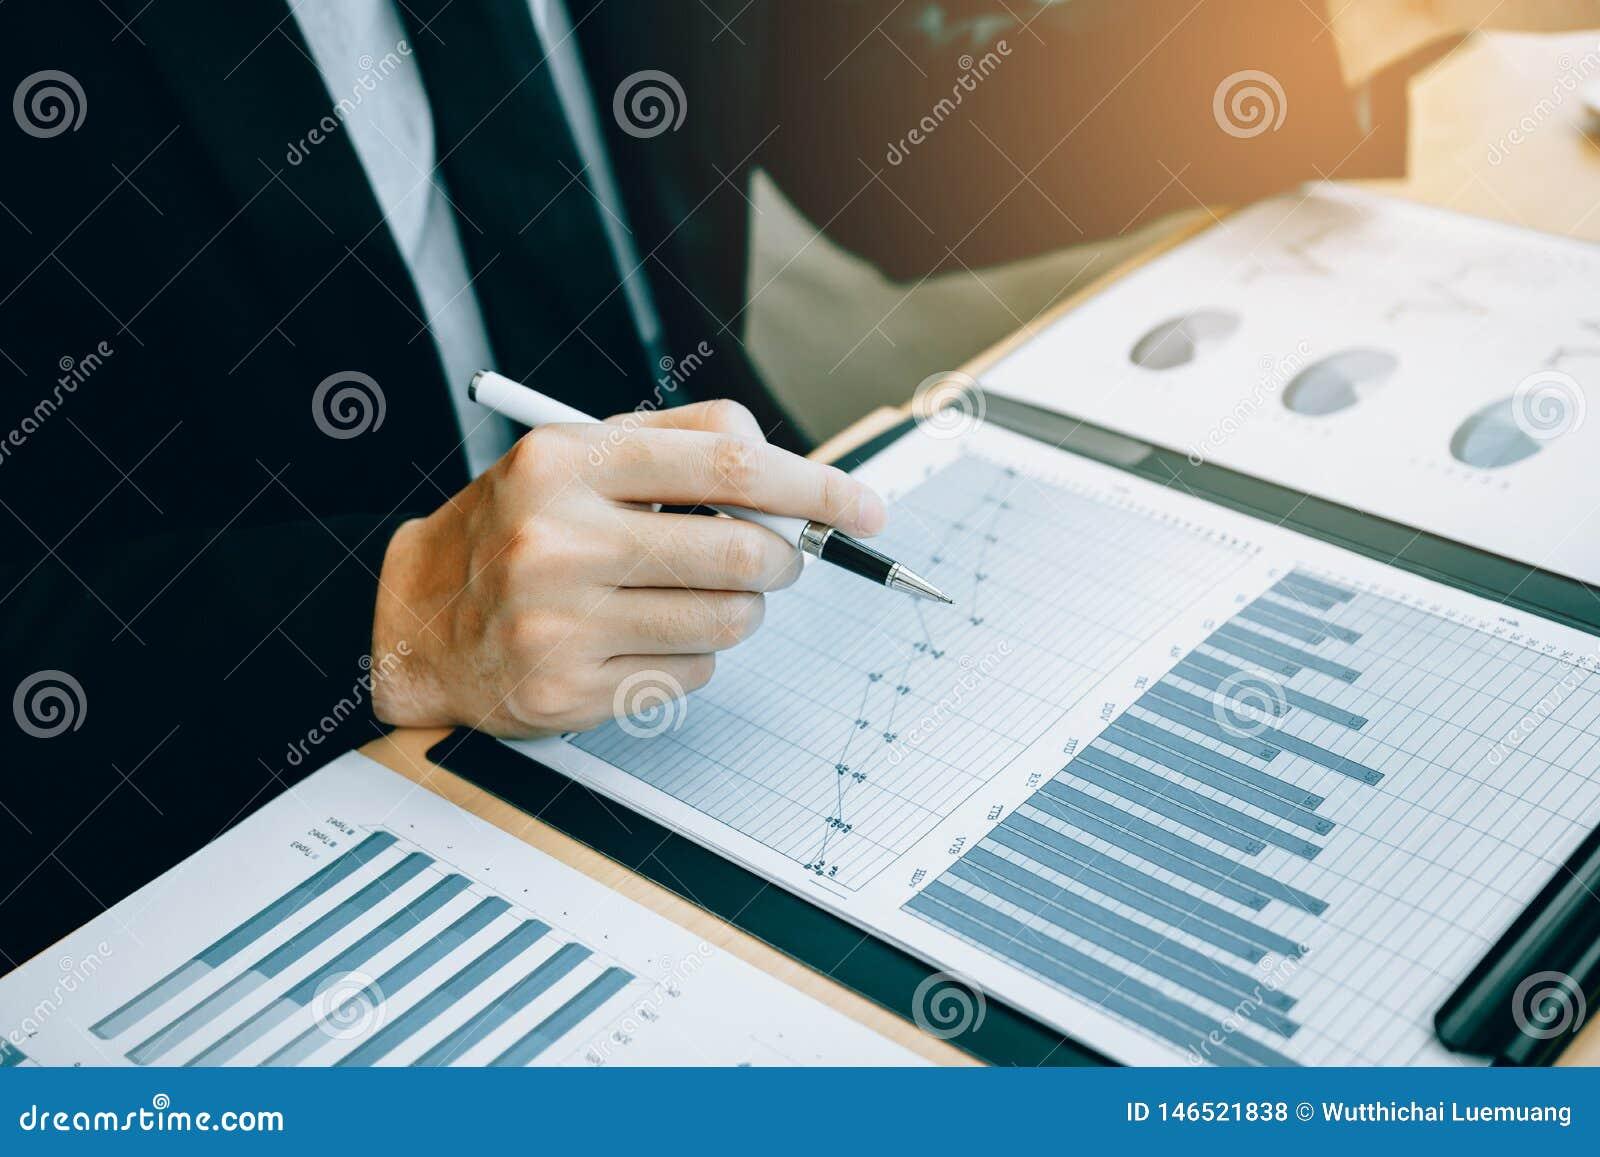 关闭手投资者用完计算器计算公司的收入投资在未来赢利的库存